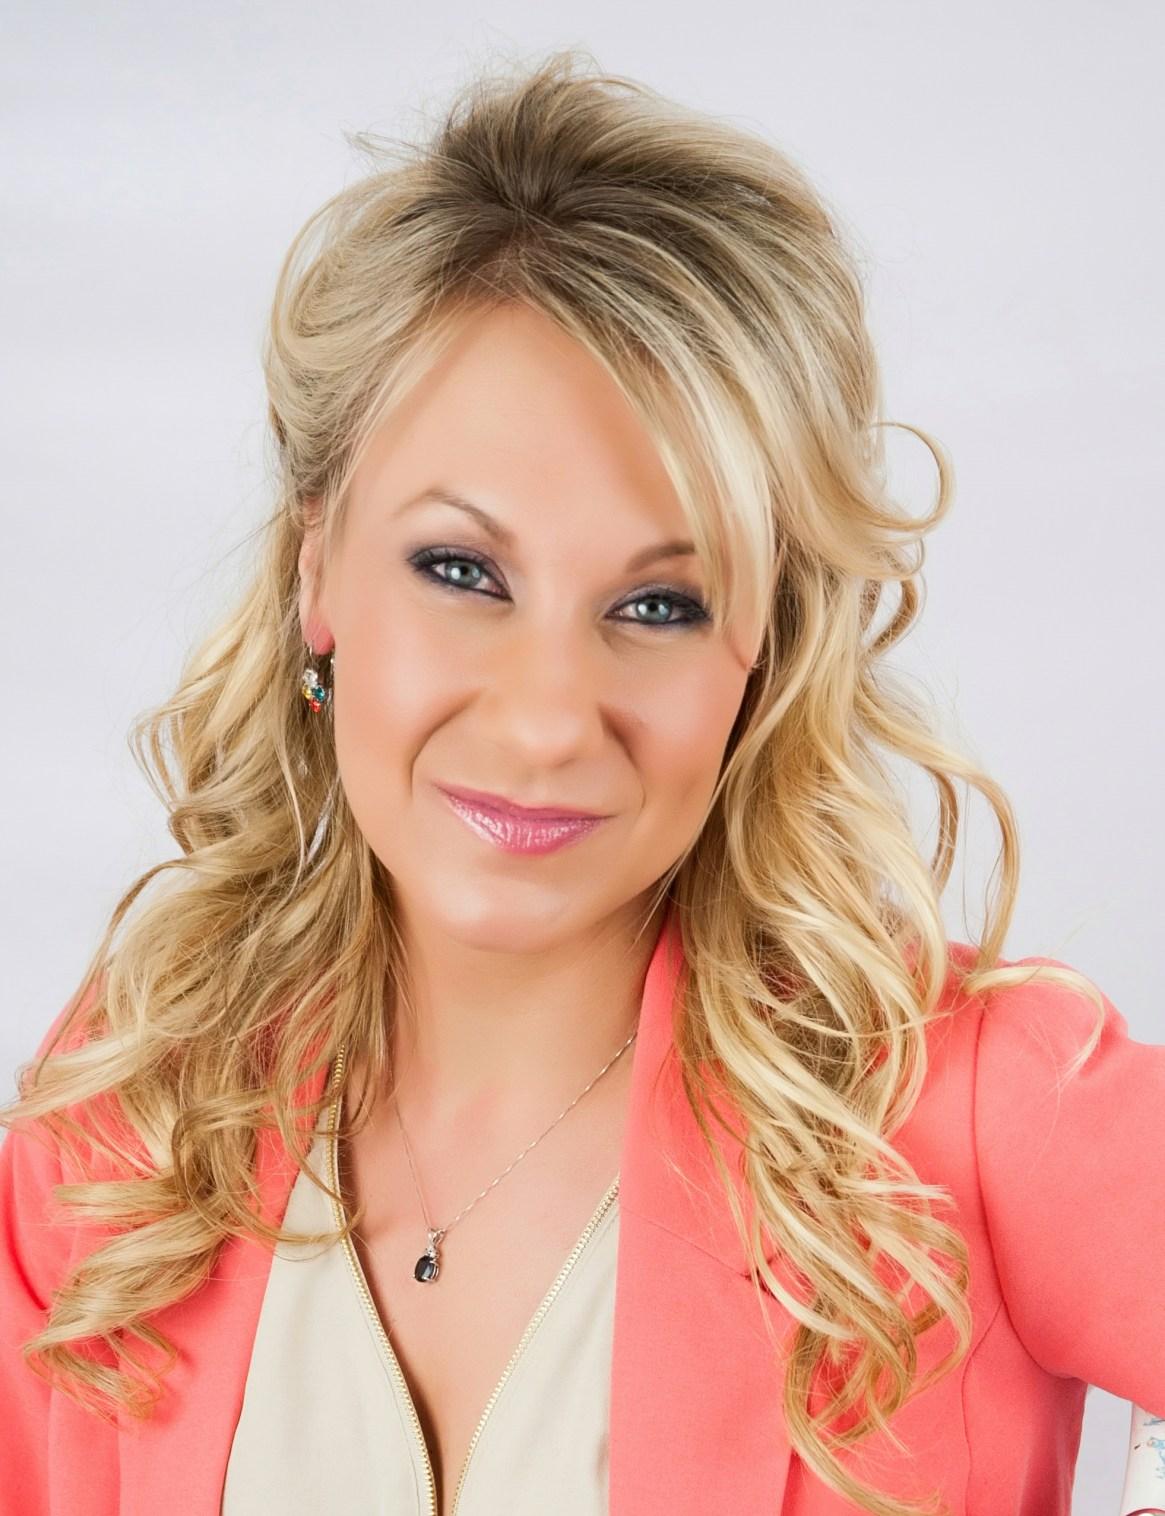 Makeup Artist / Owner Evelyn Rose